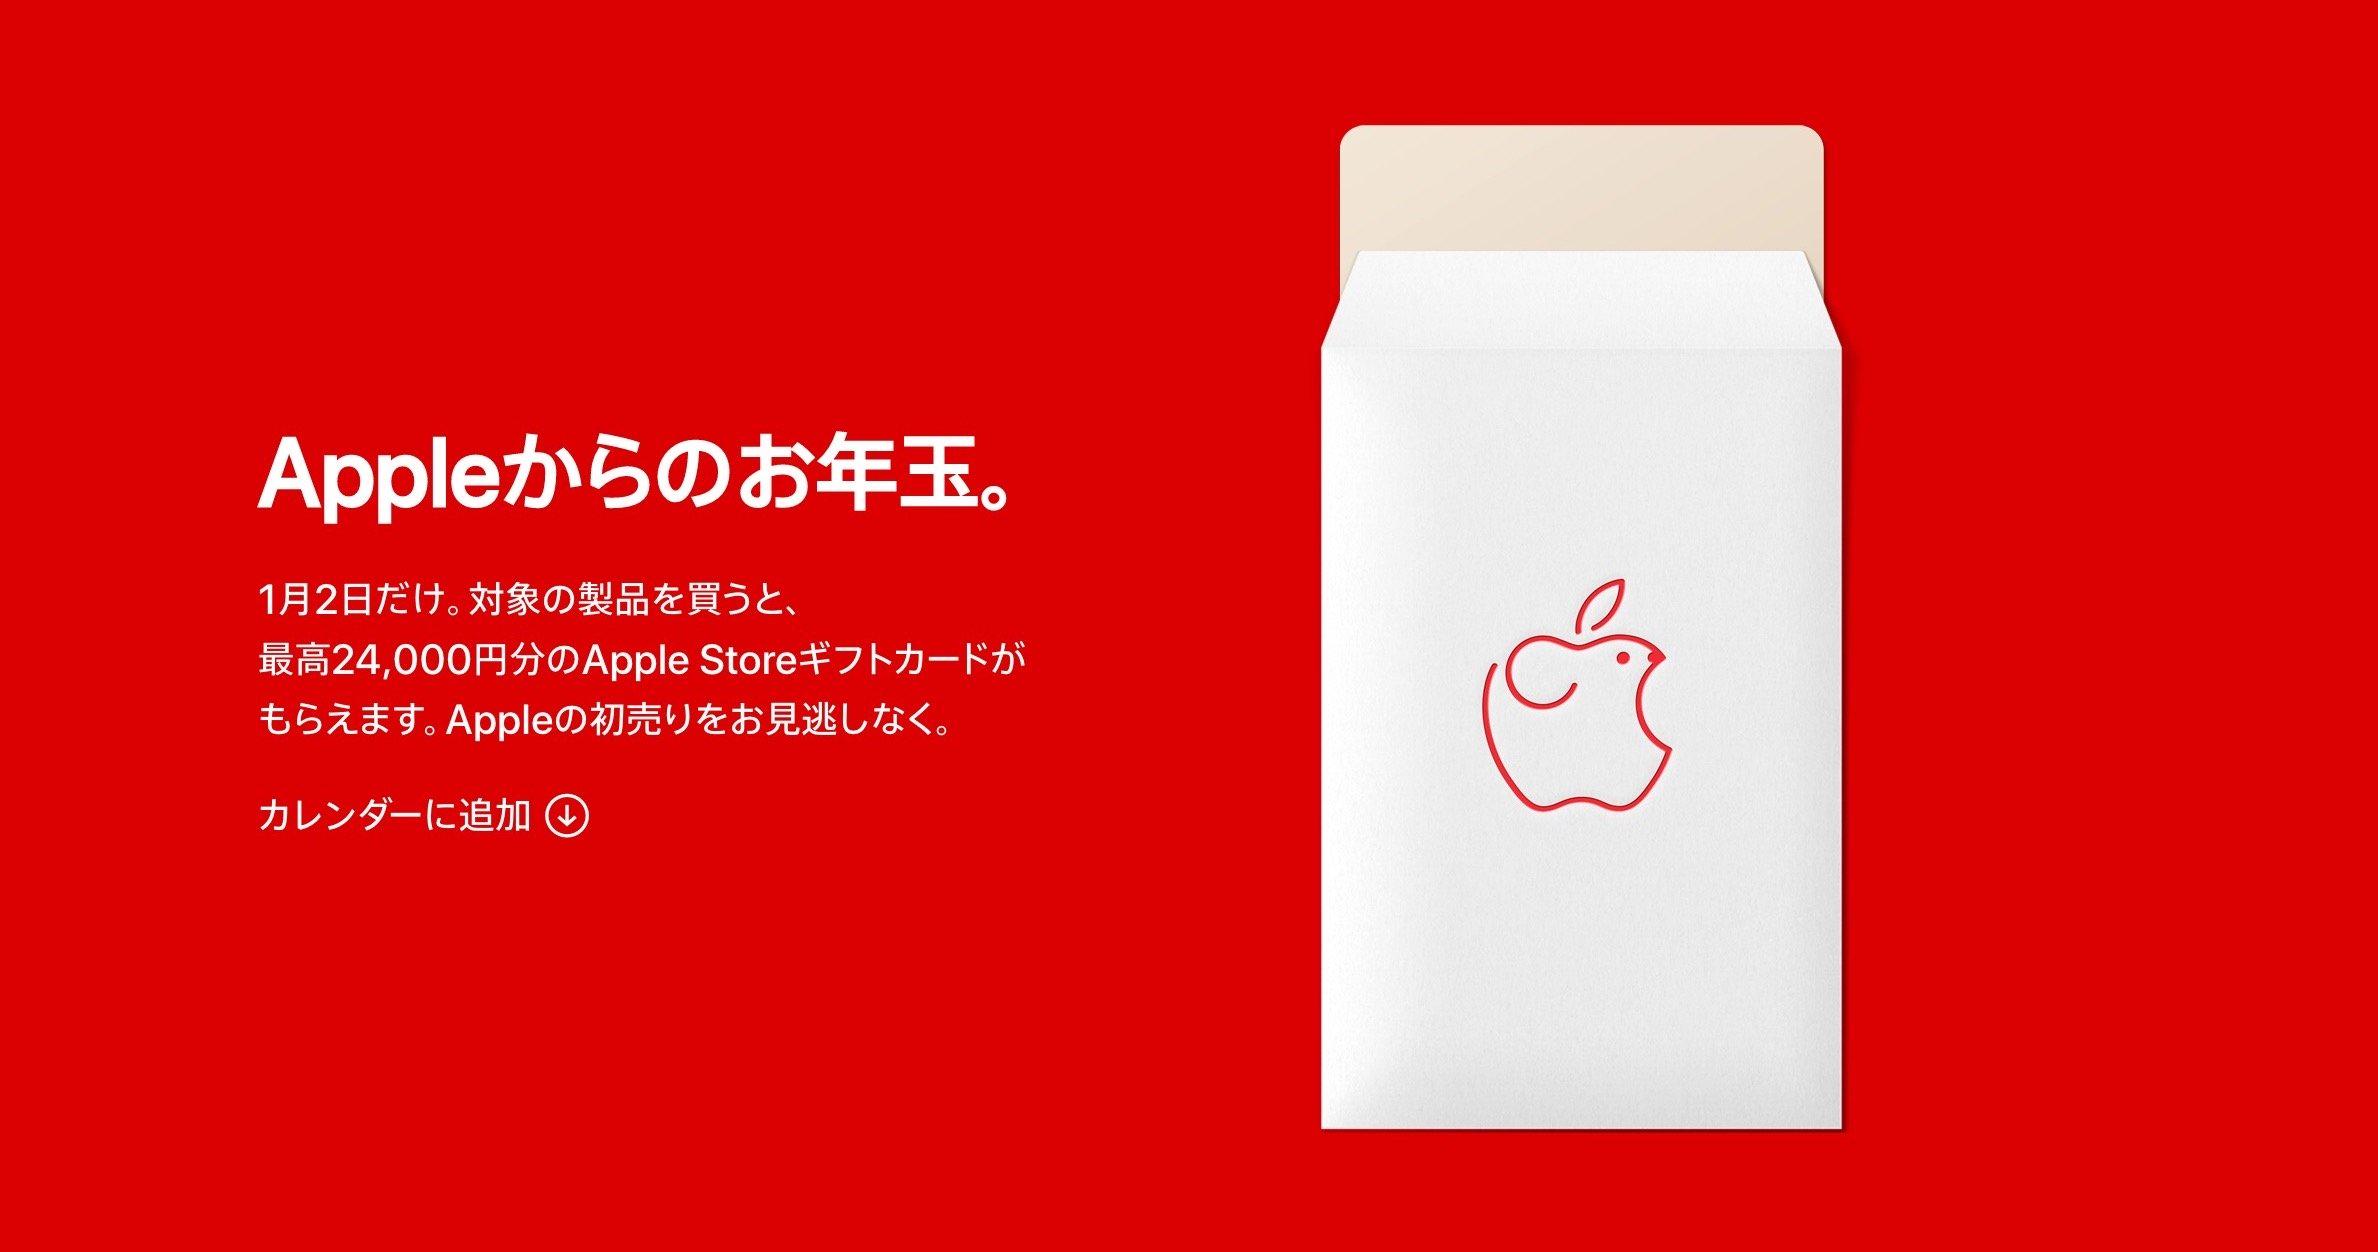 Apple、2020年の初売りを予告。最大2.4万円のギフトカードプレゼント